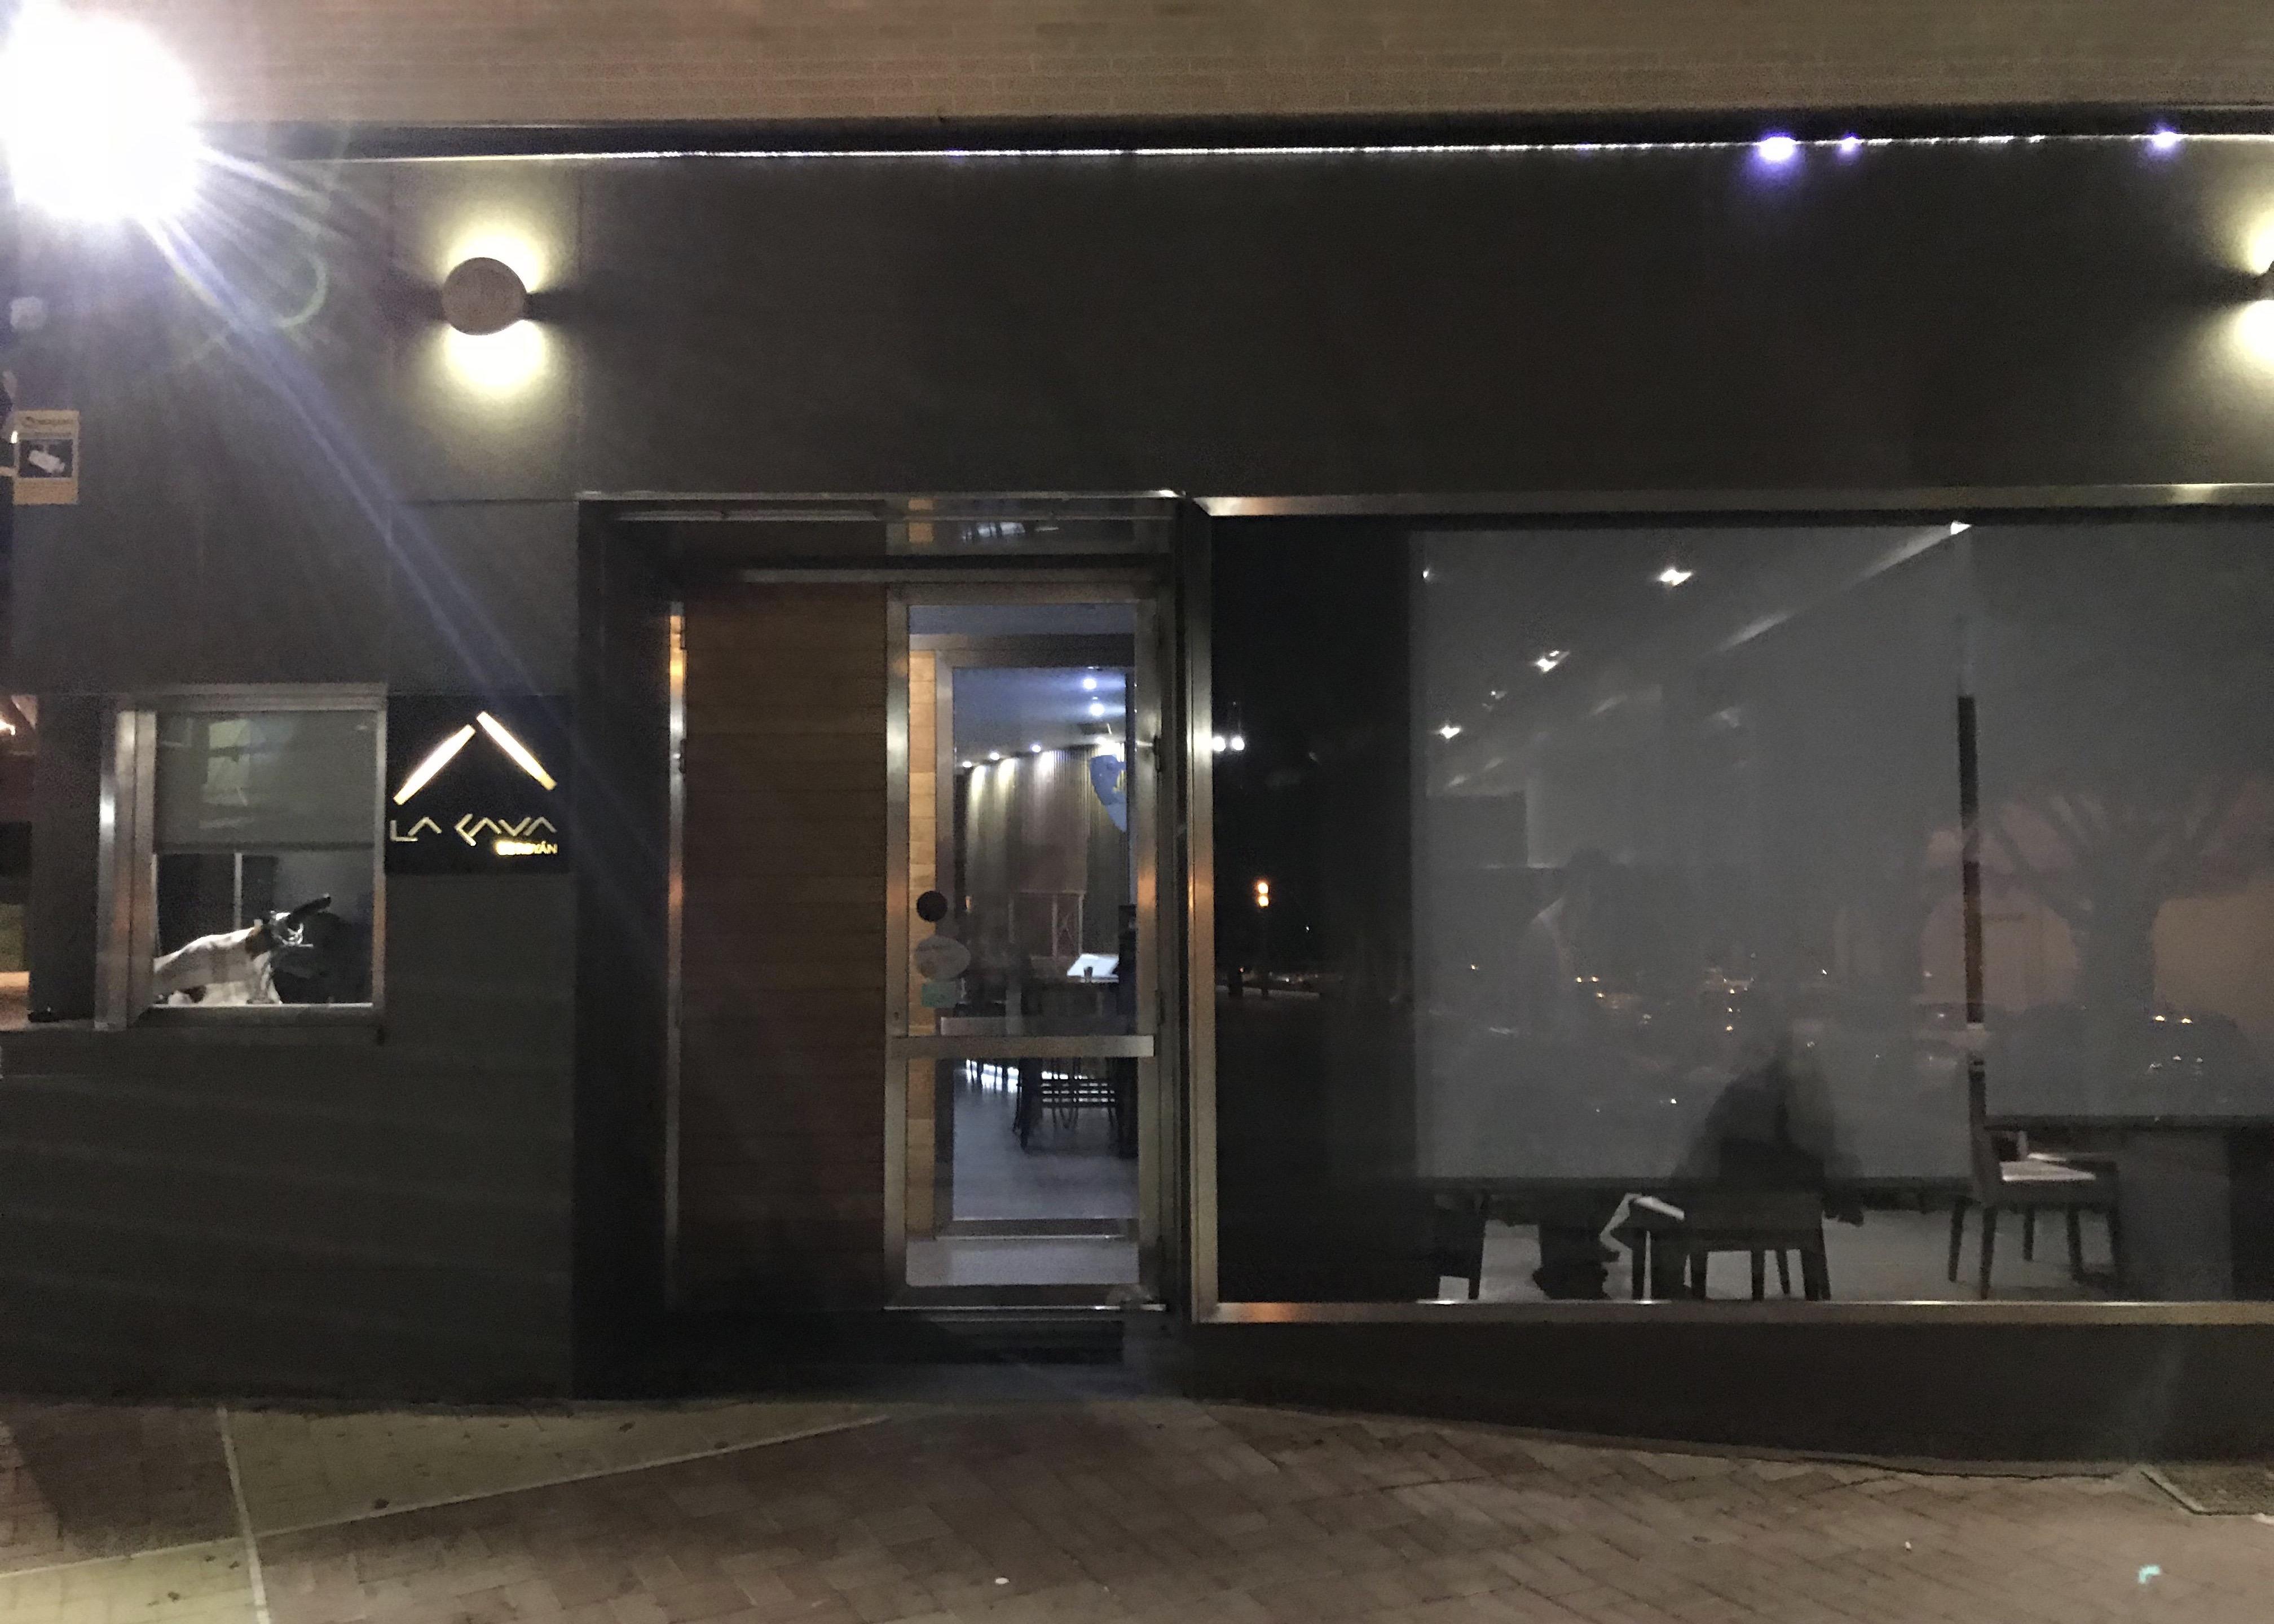 La Cava de Royan restaurante Alcantarilla murcia